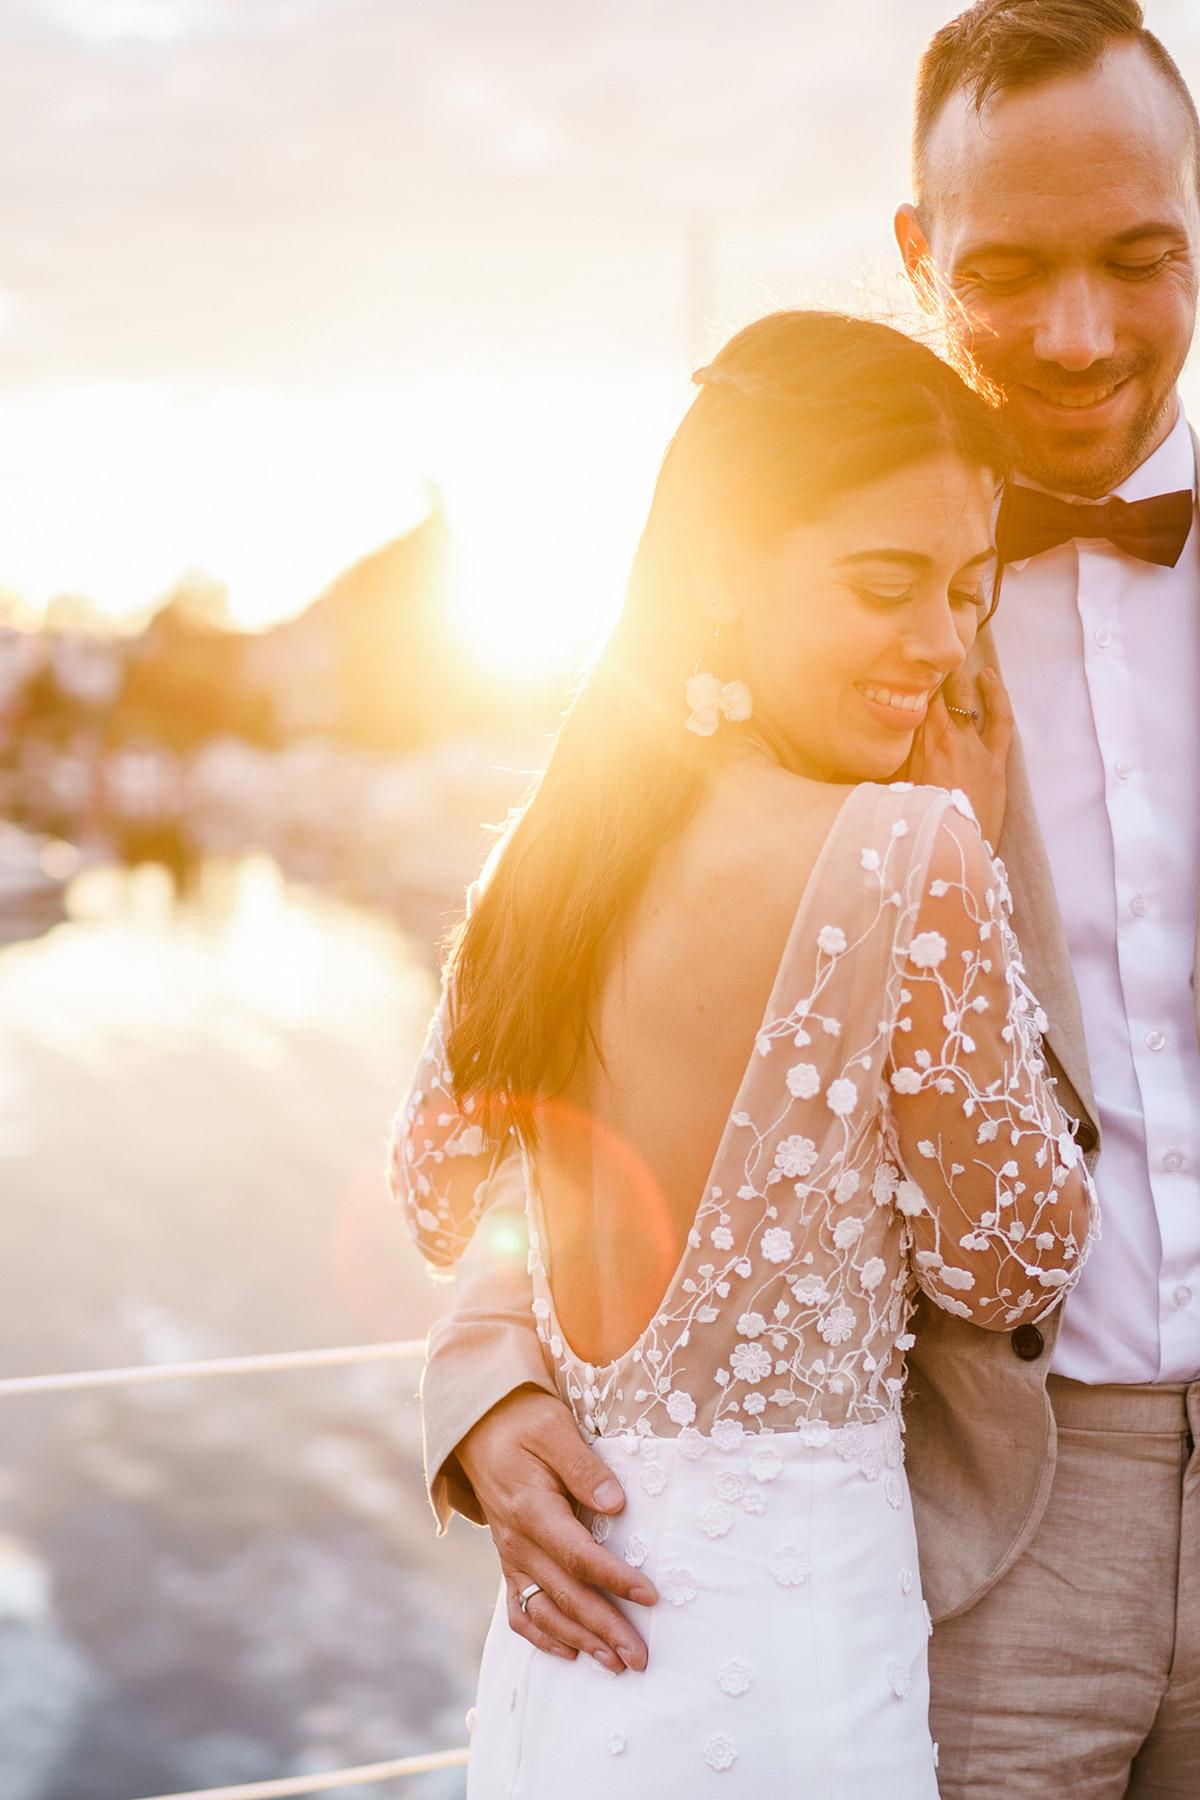 Brautshooting im Sonnenuntergang mit Hochzeitskleid von Zo & Willow Berlin: figurbetontes Brautkleid mit seitlichem Schlitz mit Oberteil aus Spitze mit langen Ärmeln und tiefem, runden Rückenausschnitt; Brautfrisur offene Haare halb geflochten mit einzelnen Strähnen, die Gesicht umspielen; natürliches Braut-Make-up #Brautportrait #Brautposing #weddingdress #realbride #echtebraut - Corona Hochzeit Berlin auf dem Wasser in Spree Hausboot von Hochzeitsfotograf Berlin © www.hochzeitslicht.de #hochzeitslicht